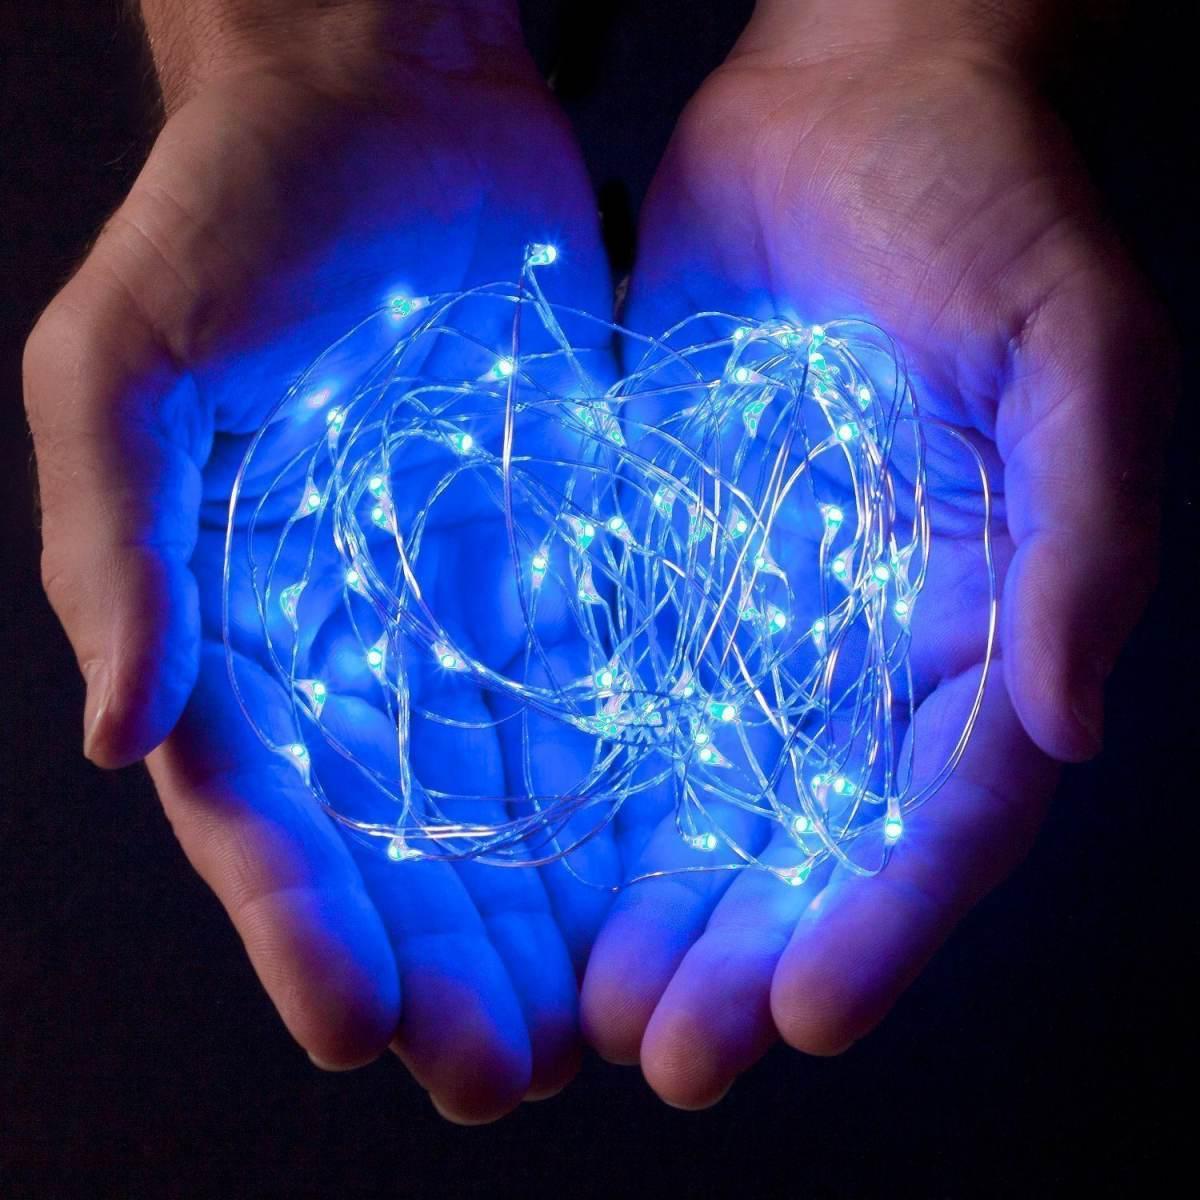 Светодиодная гирлянда нить 10м 100led на батарейках голубая Blue